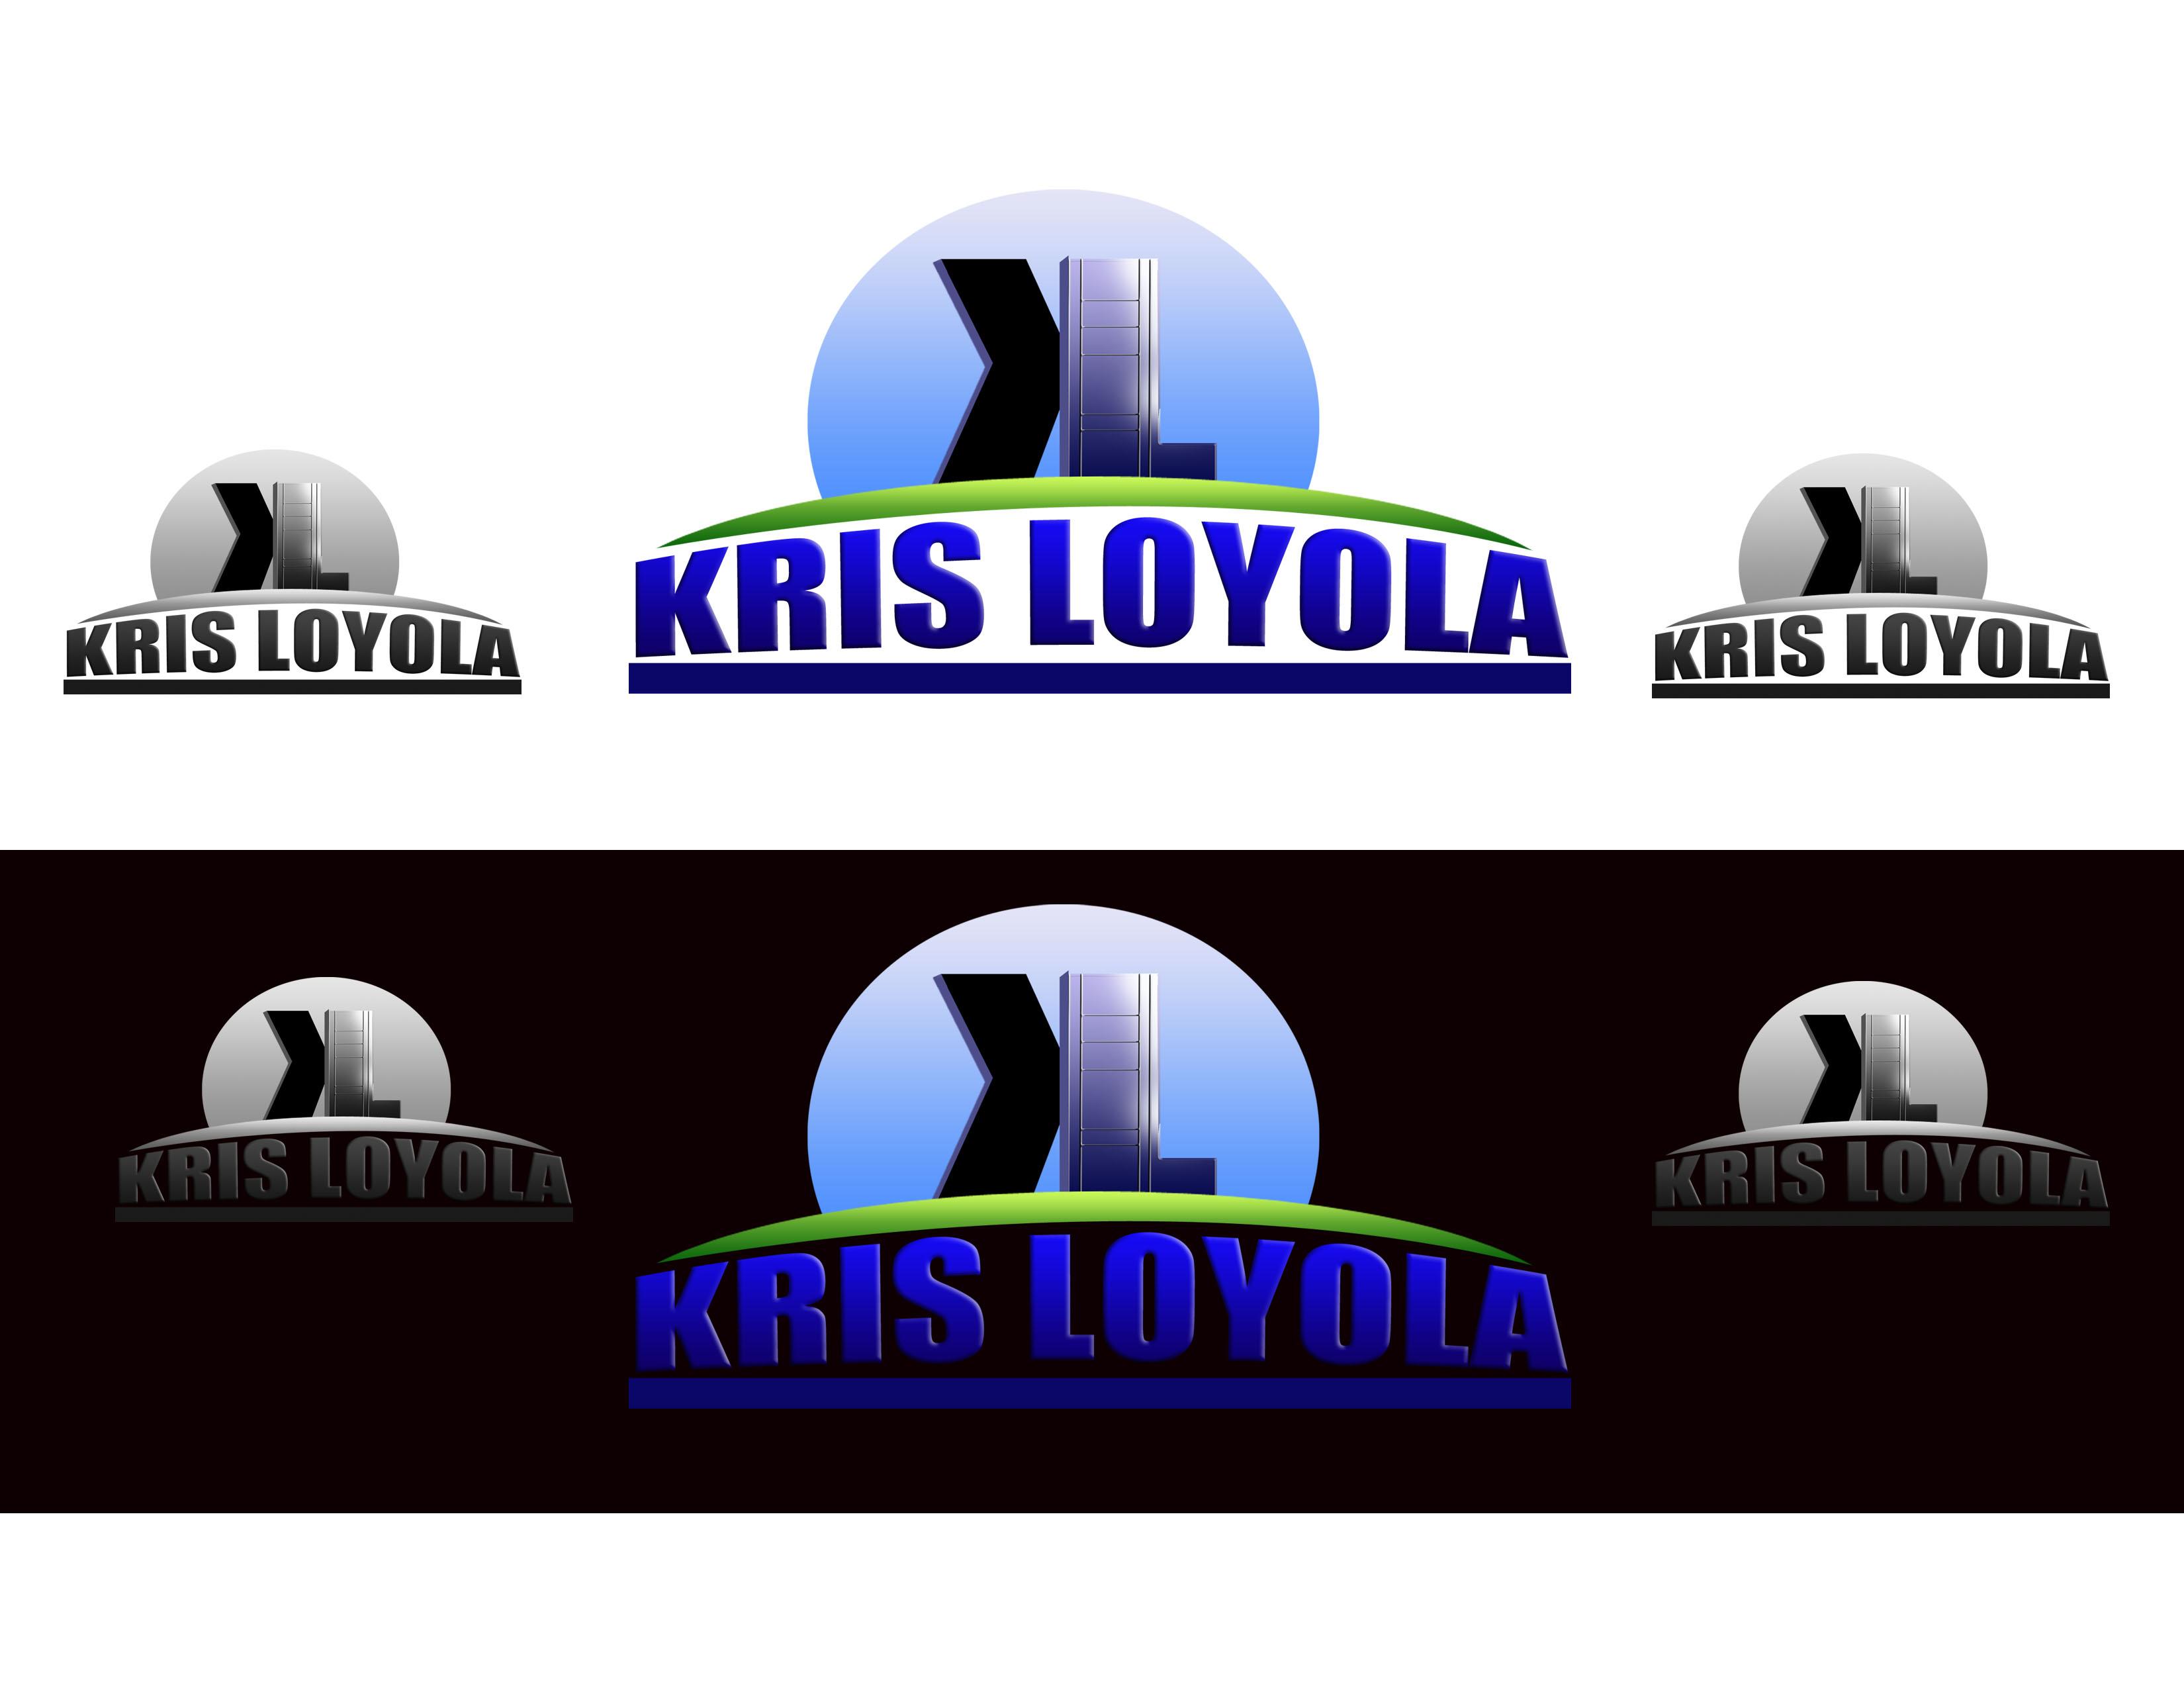 Logo Design by Alan Esclamado - Entry No. 54 in the Logo Design Contest Kris Loyola Logo Design.